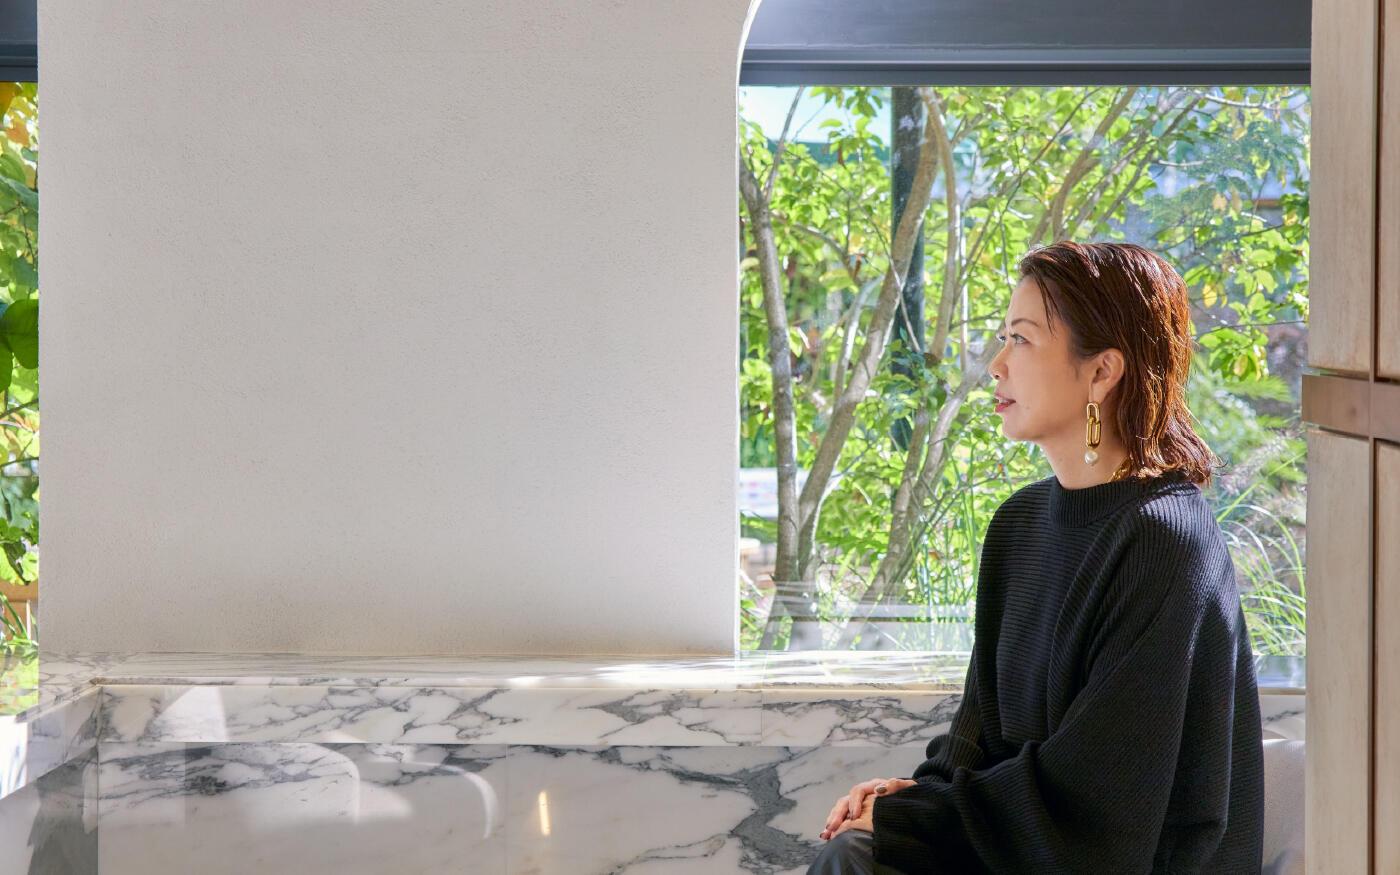 【インタビュー vol.2】エポカ クリエイティブディレクター 常ひとみ | ニットの可能性を、今後も「ラ・マリア」を通じて探究していきたい